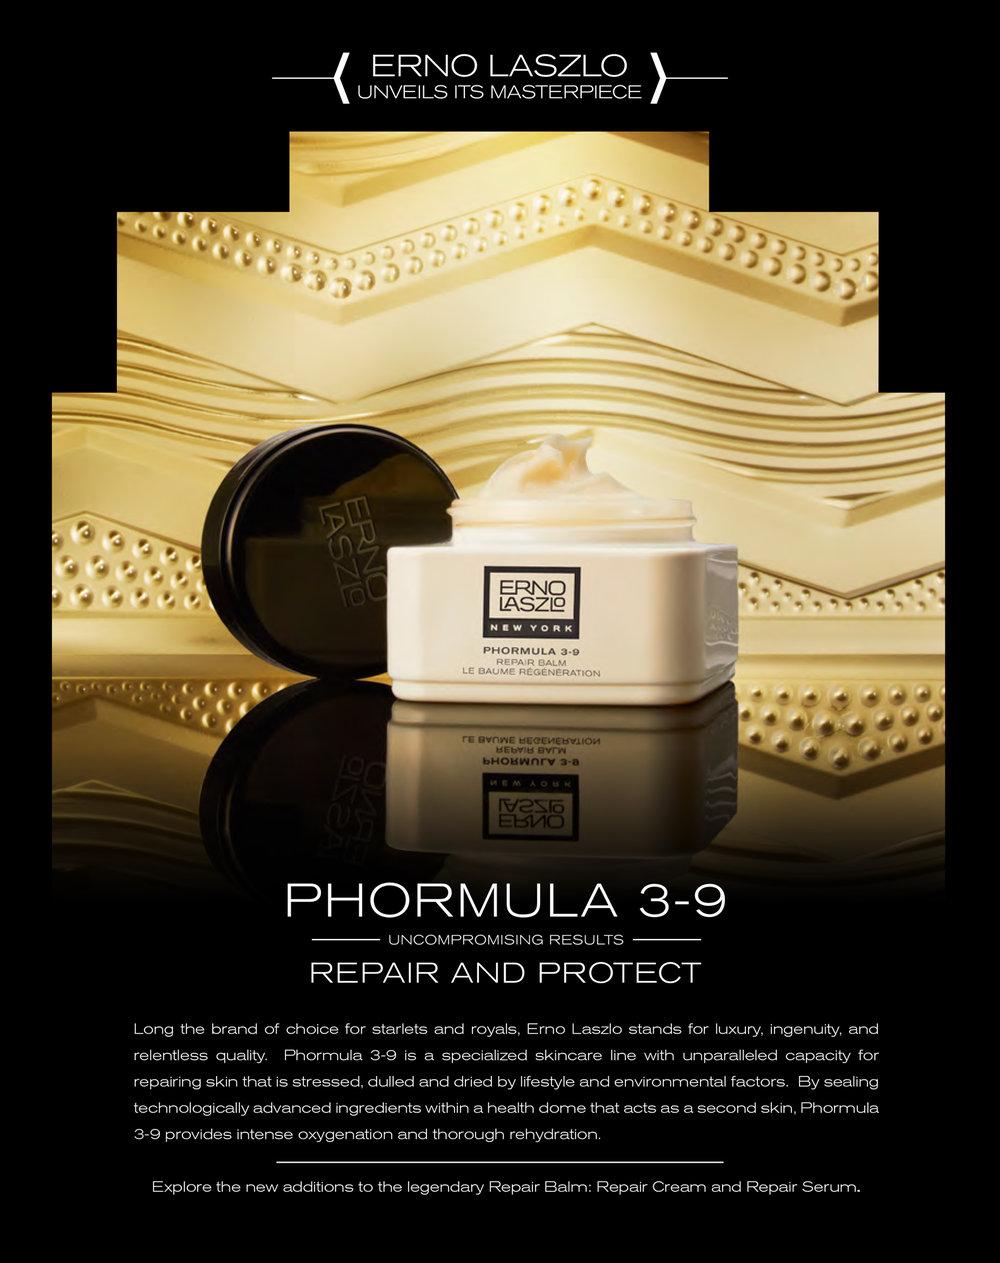 BG_Phormula_3-9_Ad.jpg